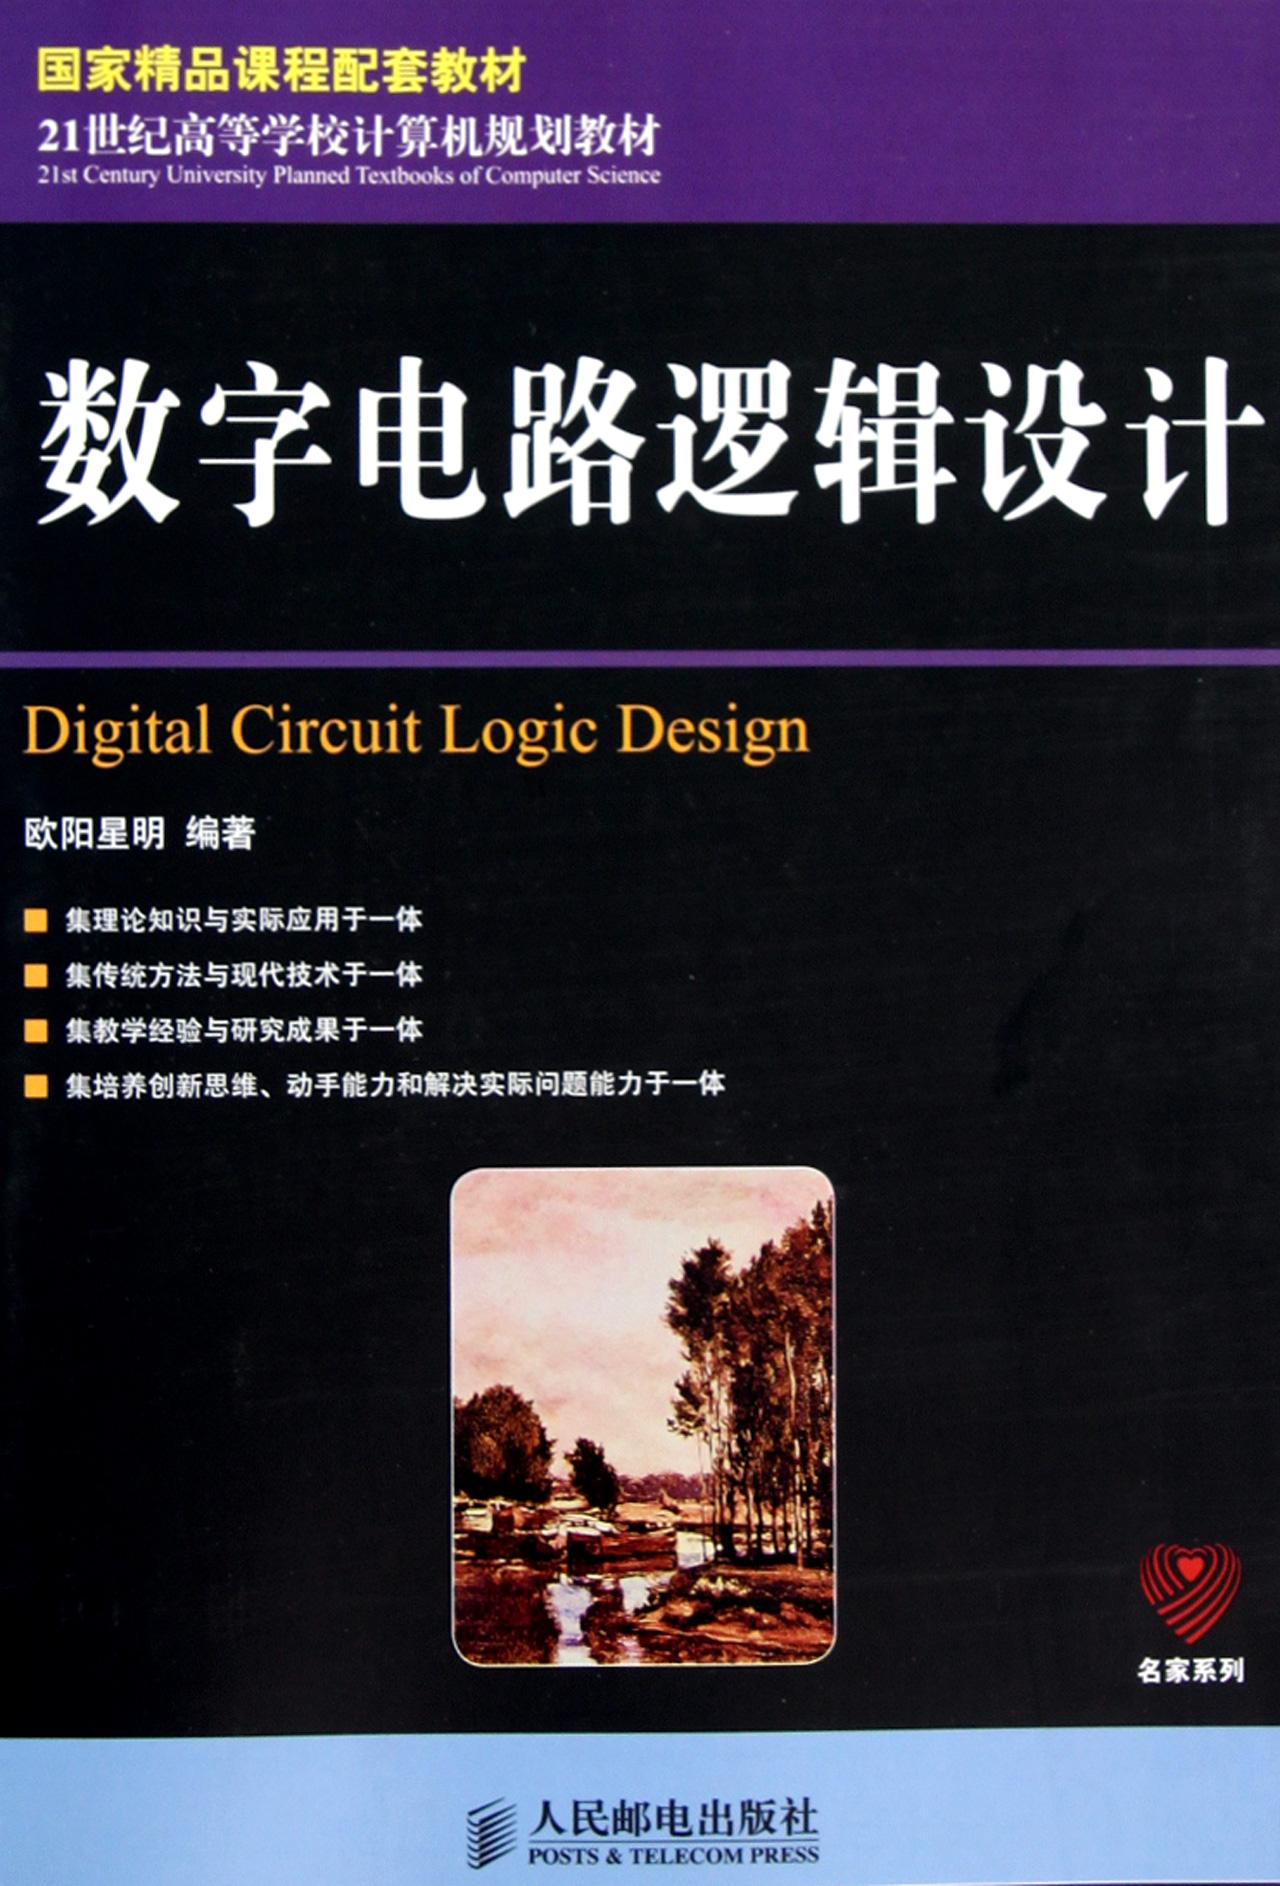 数字电路逻辑设计(21世纪高等学校计算机规划教材)